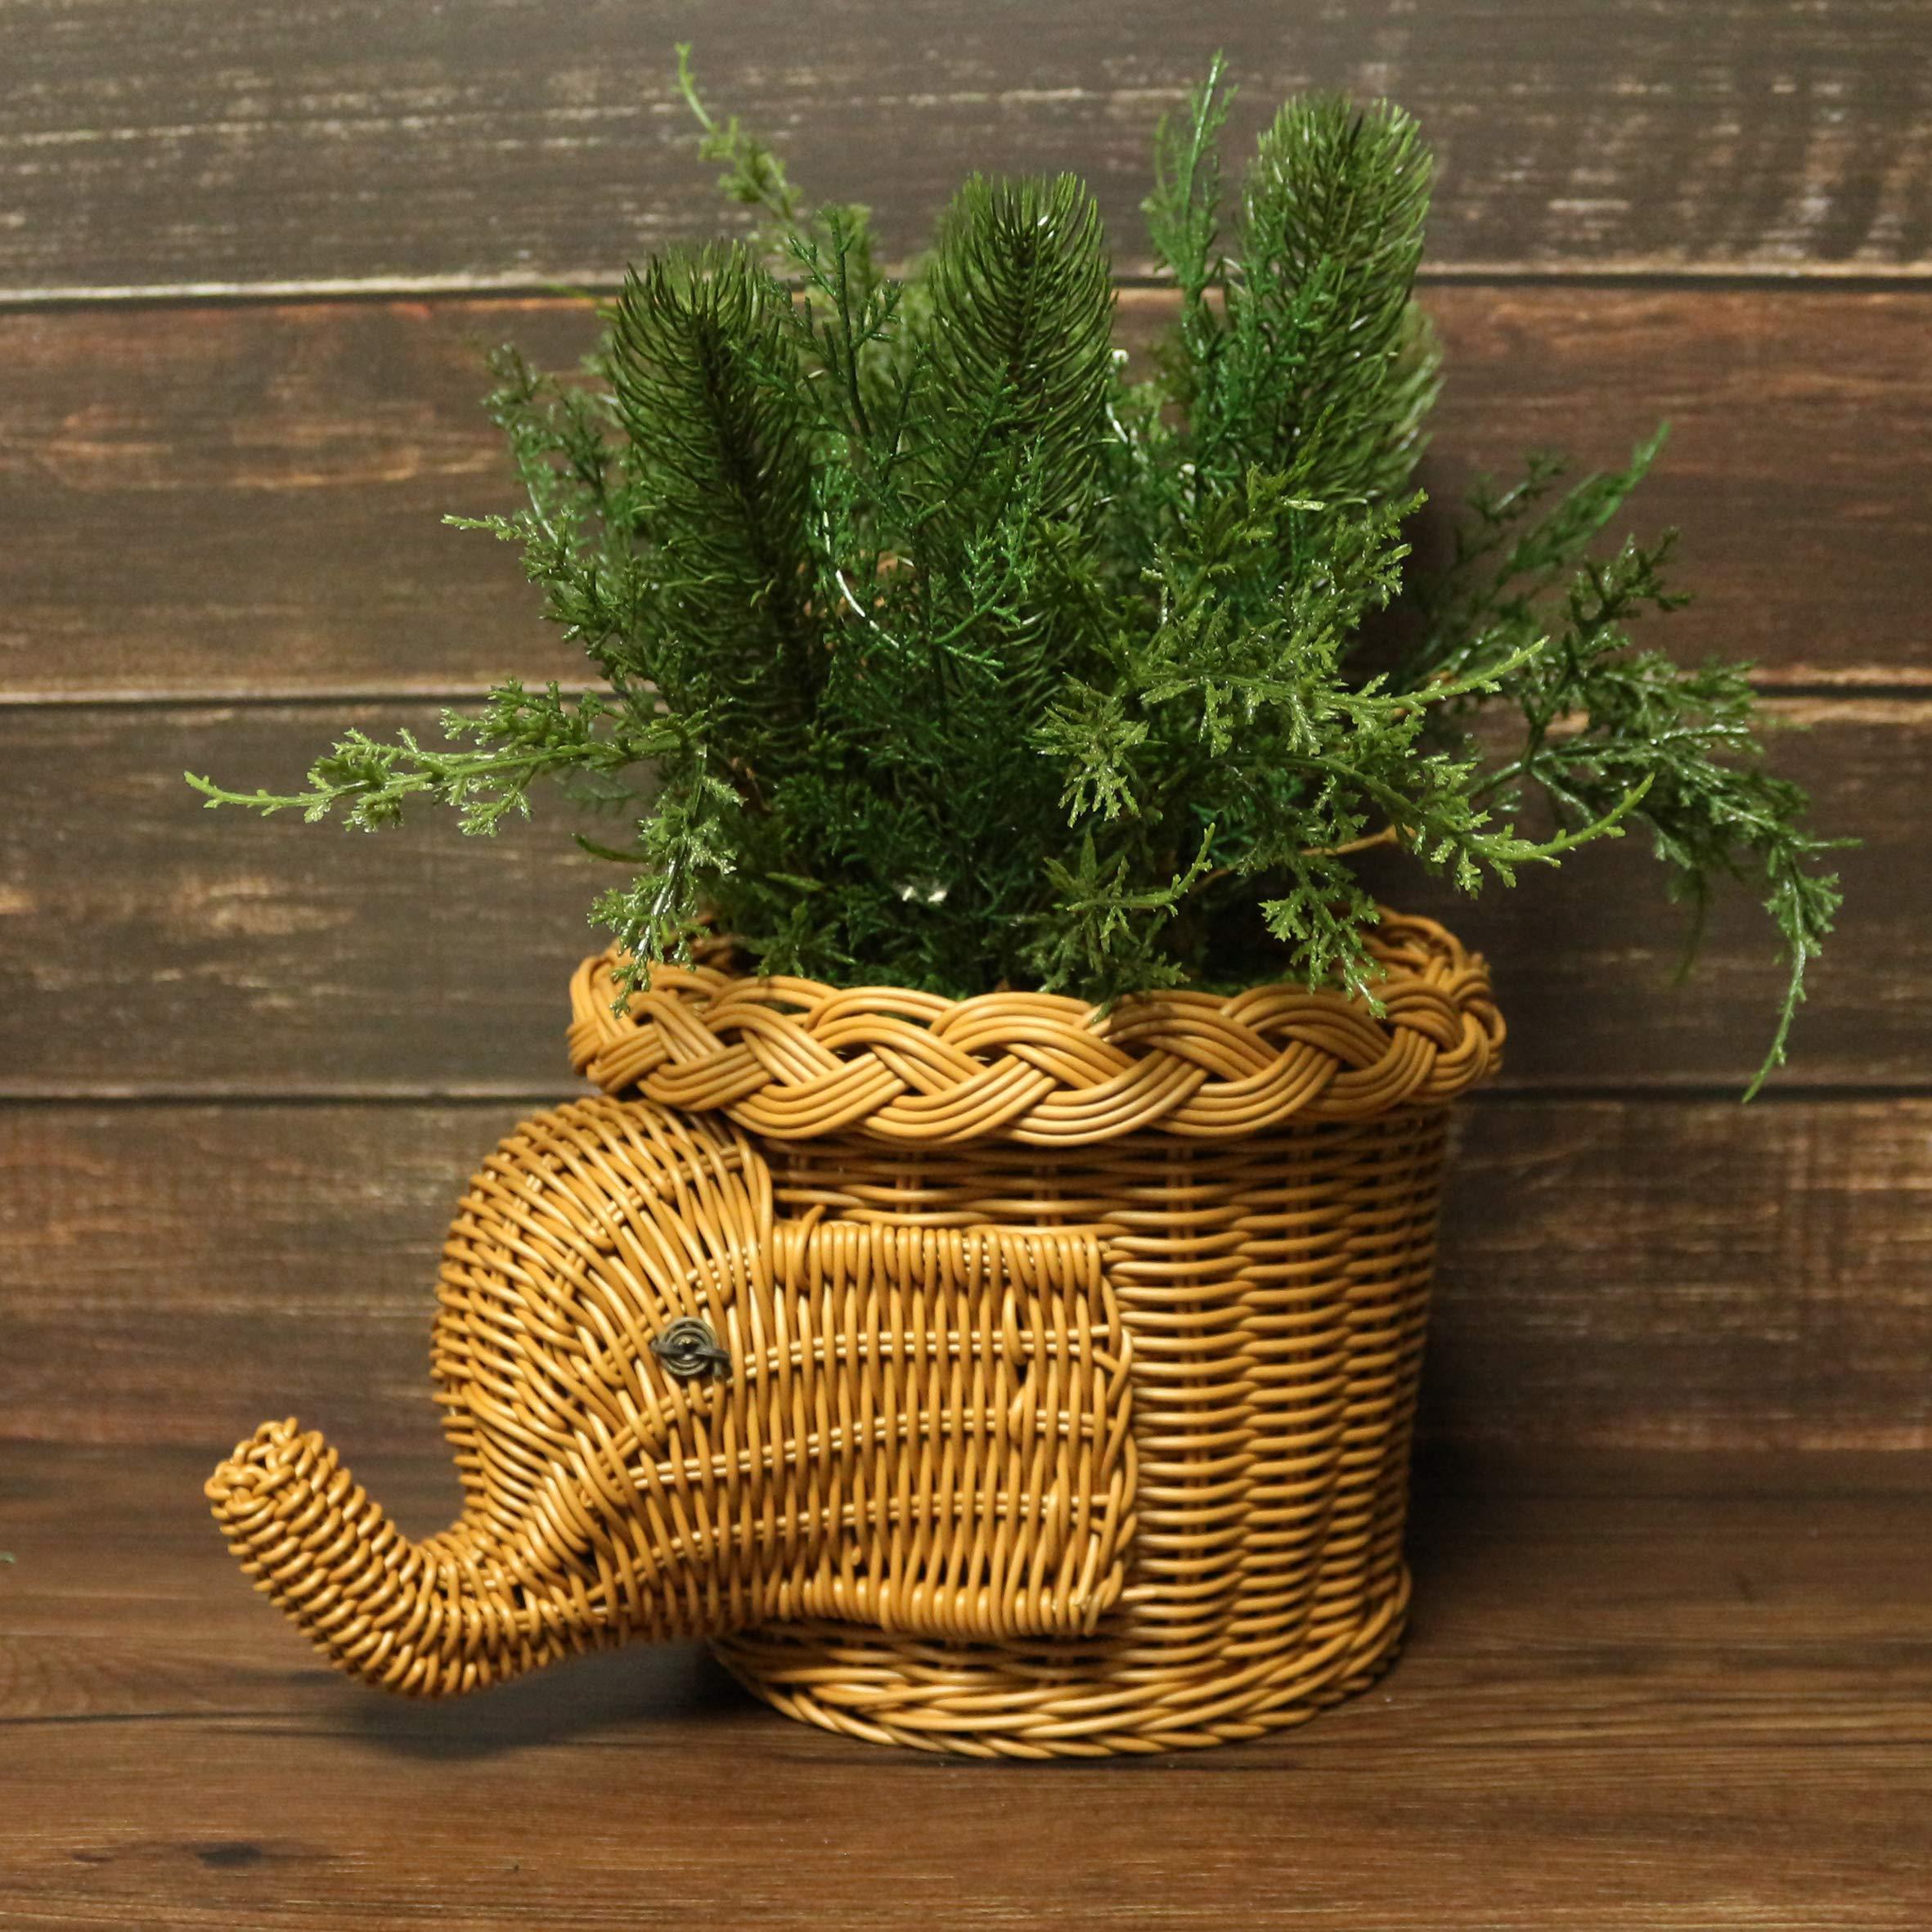 CVHOMEDECO. Elephant Design Imitation Rattan Fruit Basket Bread Basket Storage Basket Resin Wicker Artificial Plant Holder. Light Brown, 11-1/2''L by CVHOMEDECO. (Image #3)